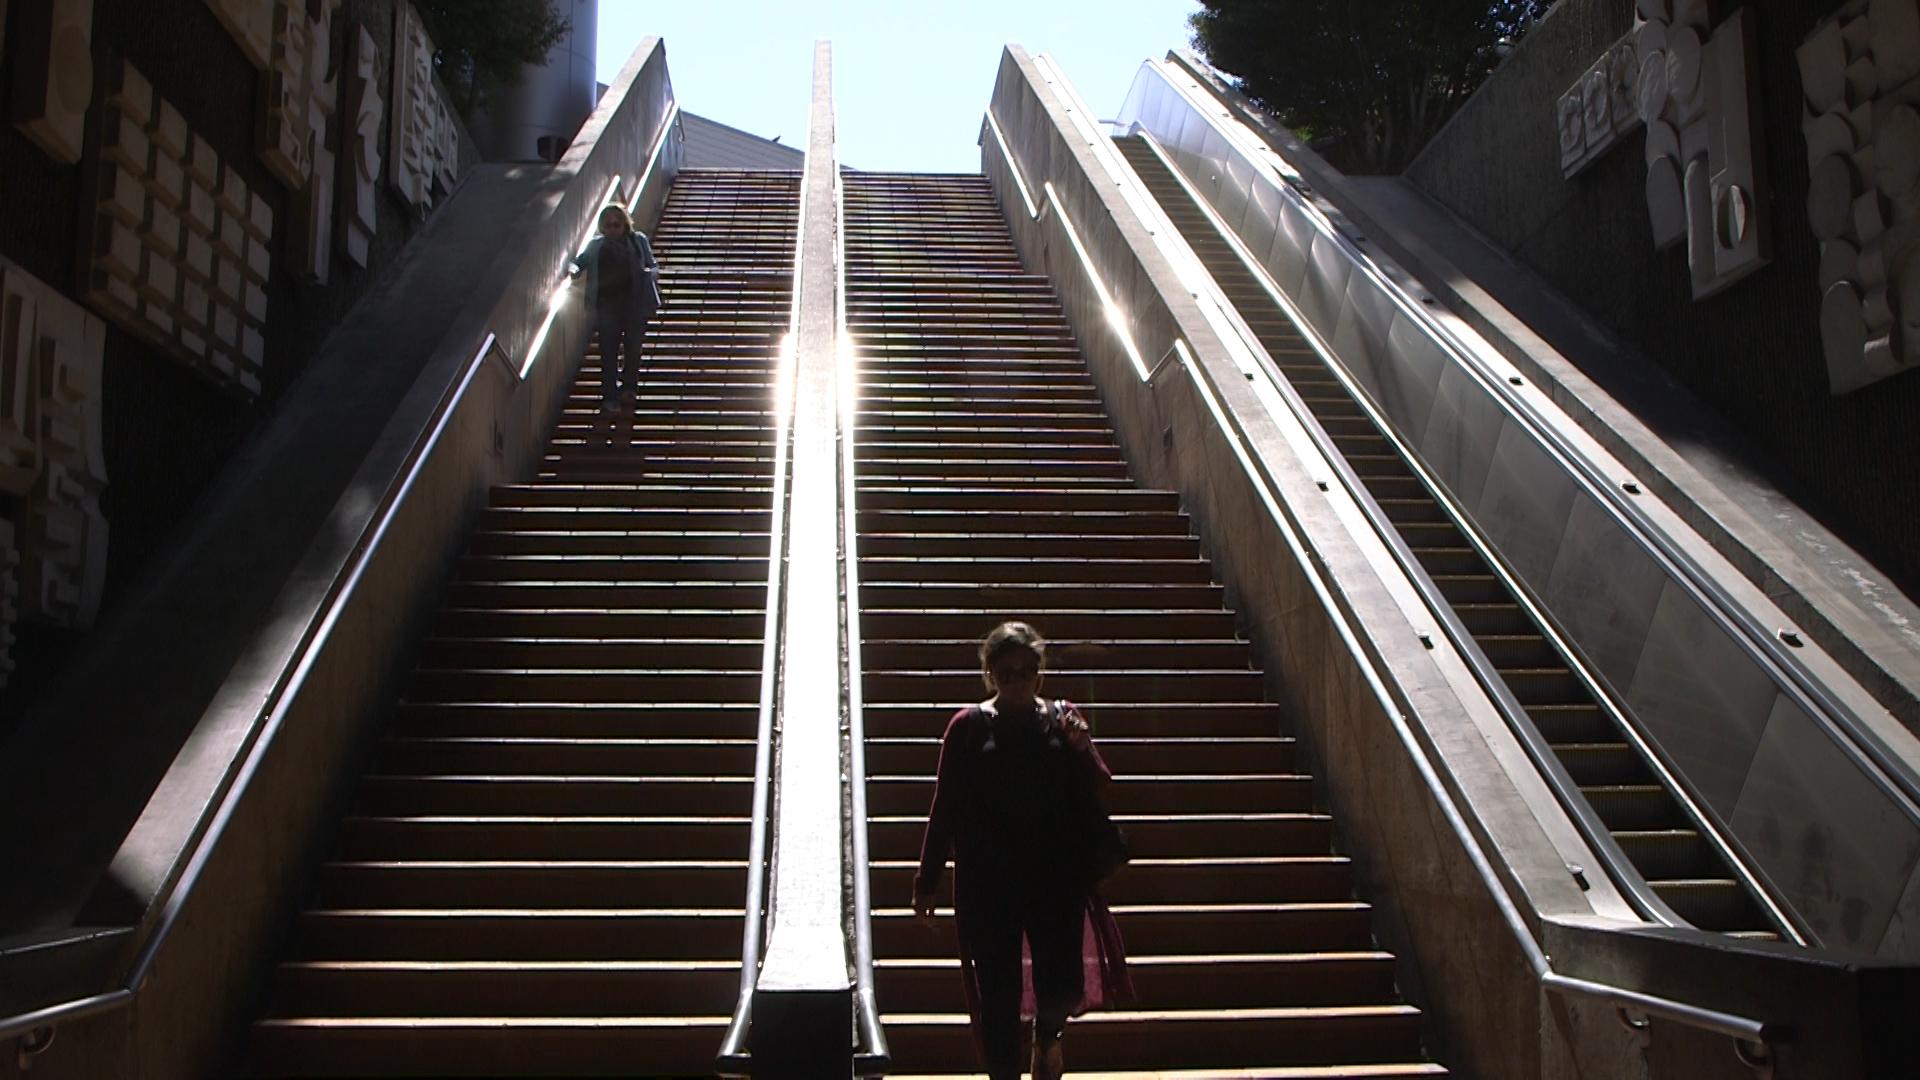 60 Seconds: Transit Week